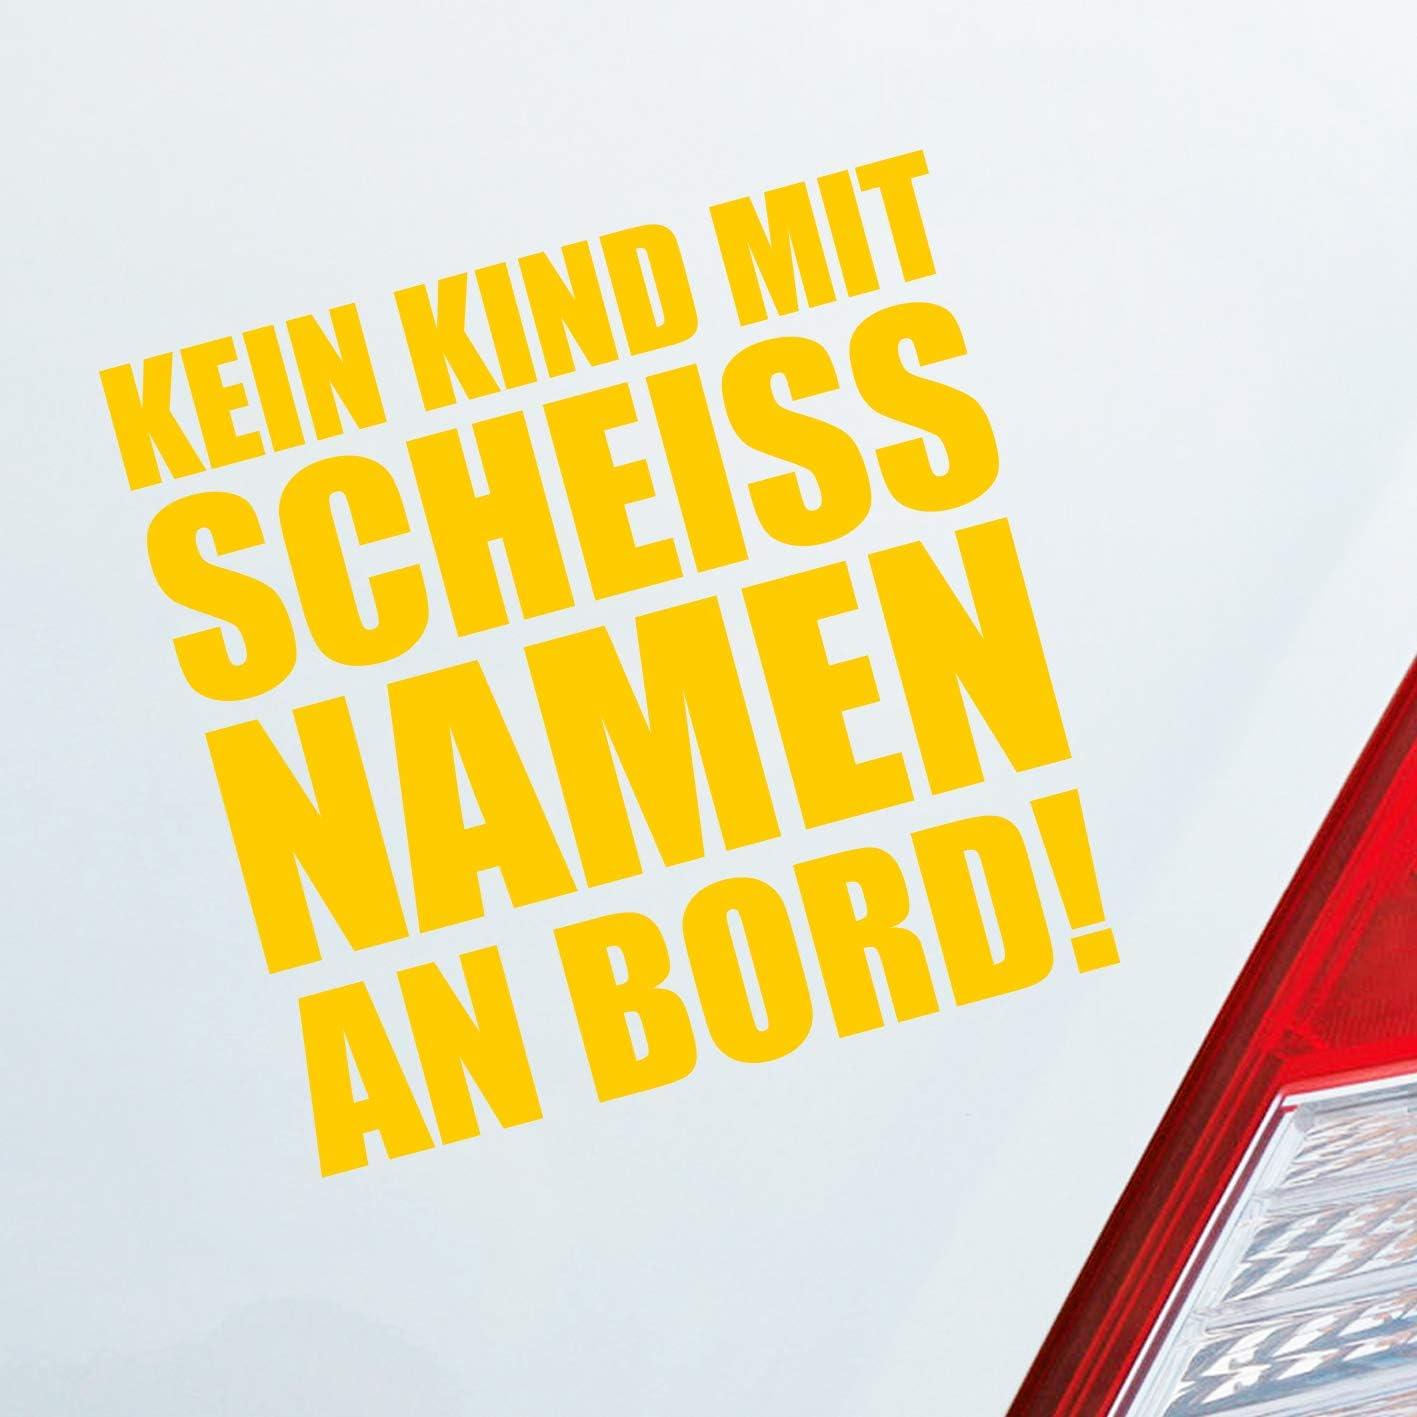 Auto Aufkleber In Deiner Wunschfarbe Kein Kind Mit Scheiss Namen An Bord Familie Kinder 10x10 Cm Autoaufkleber Sticker Auto